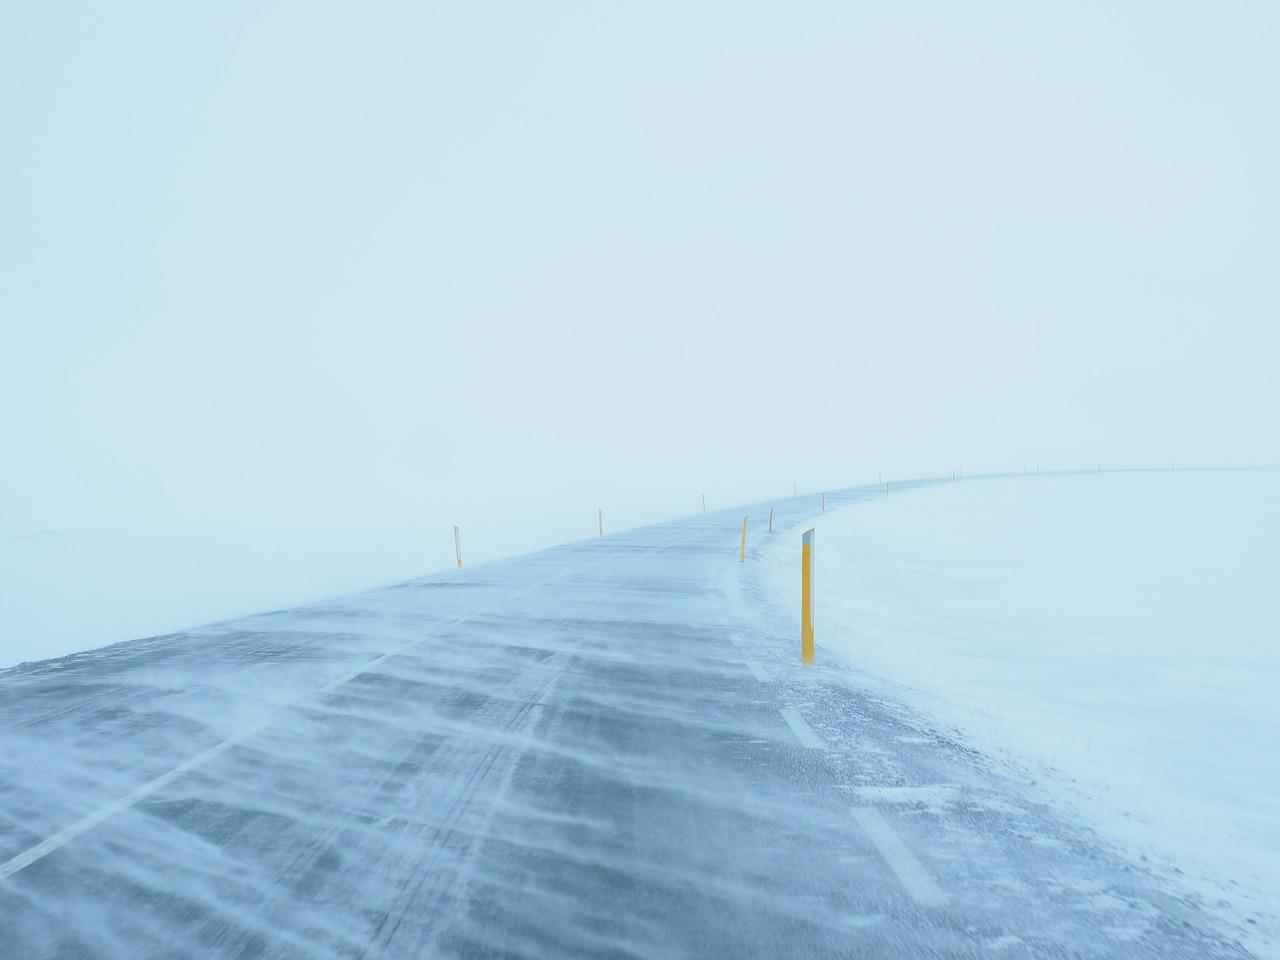 В СКО из-за мороза закрывают дороги по всем направлениям